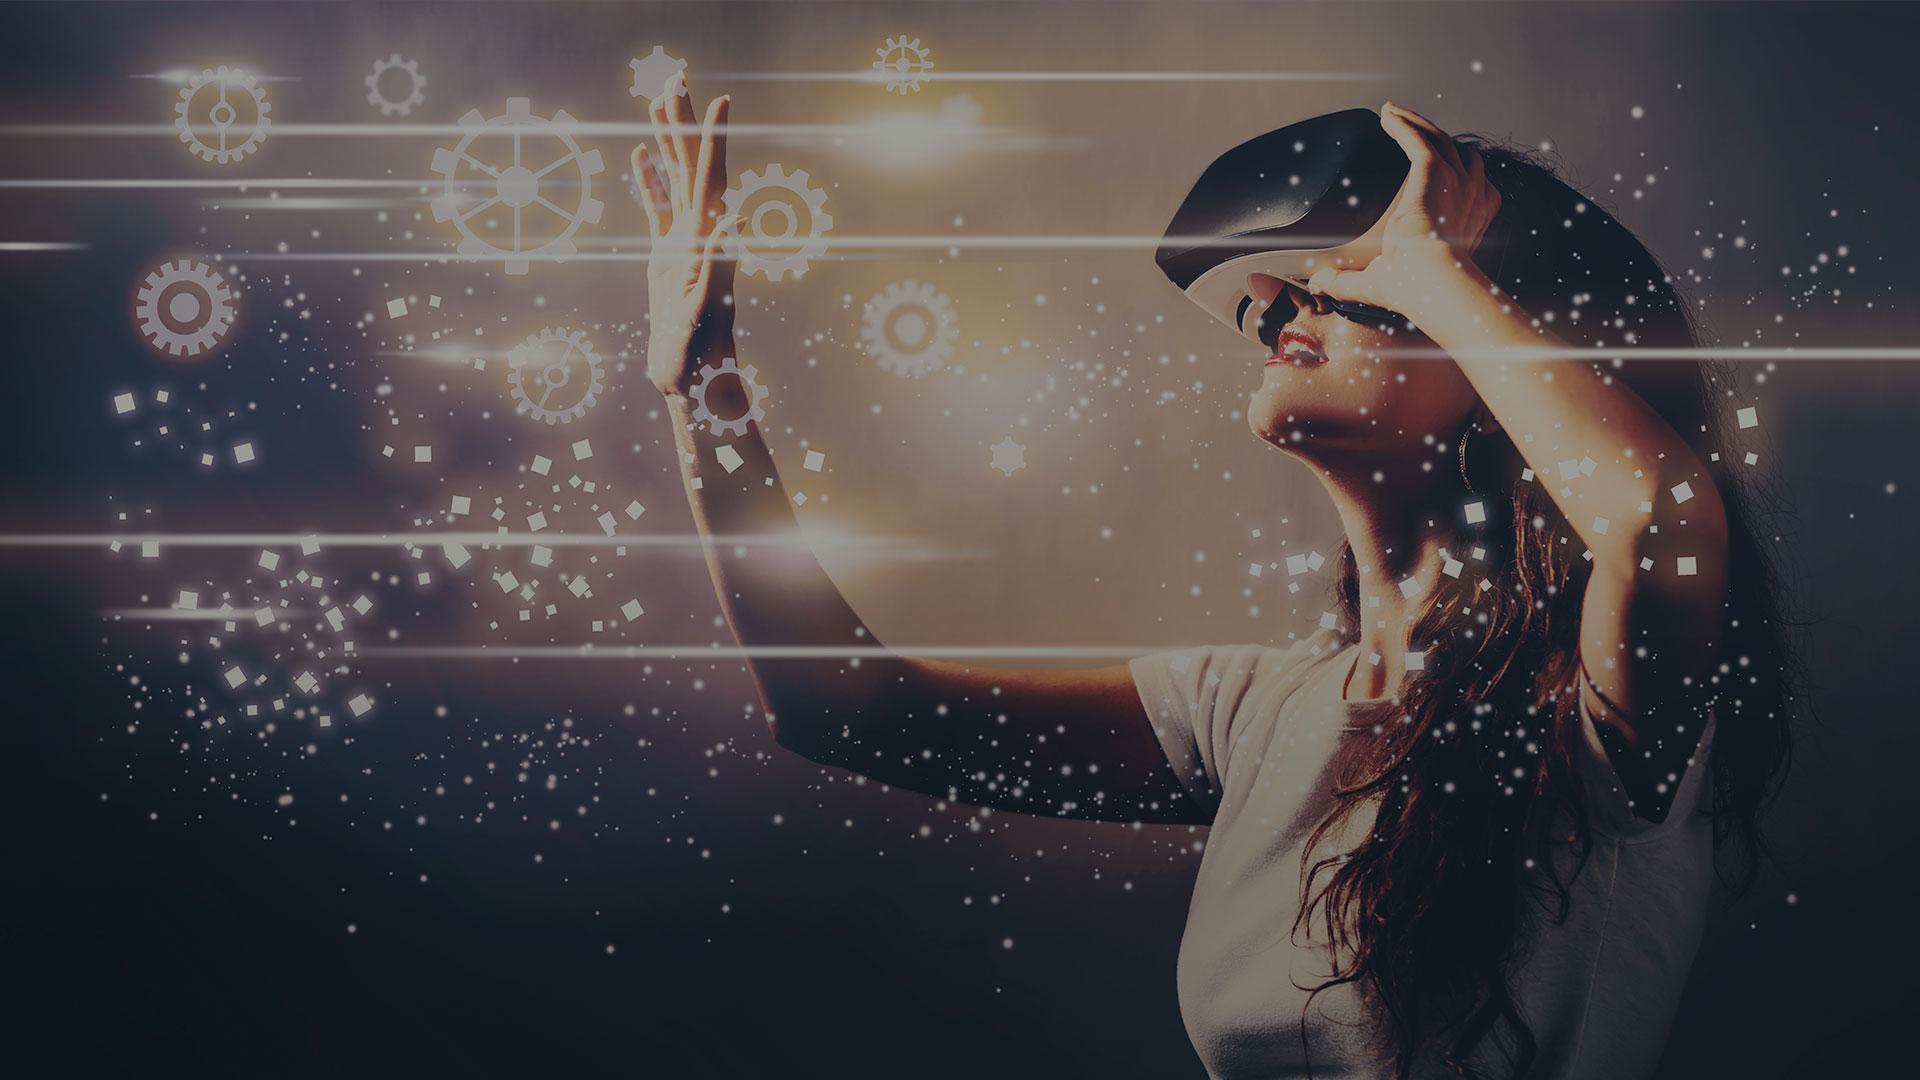 Compasso lança unidade de negócios para levar tecnologia dos games e realidade virtual às empresas